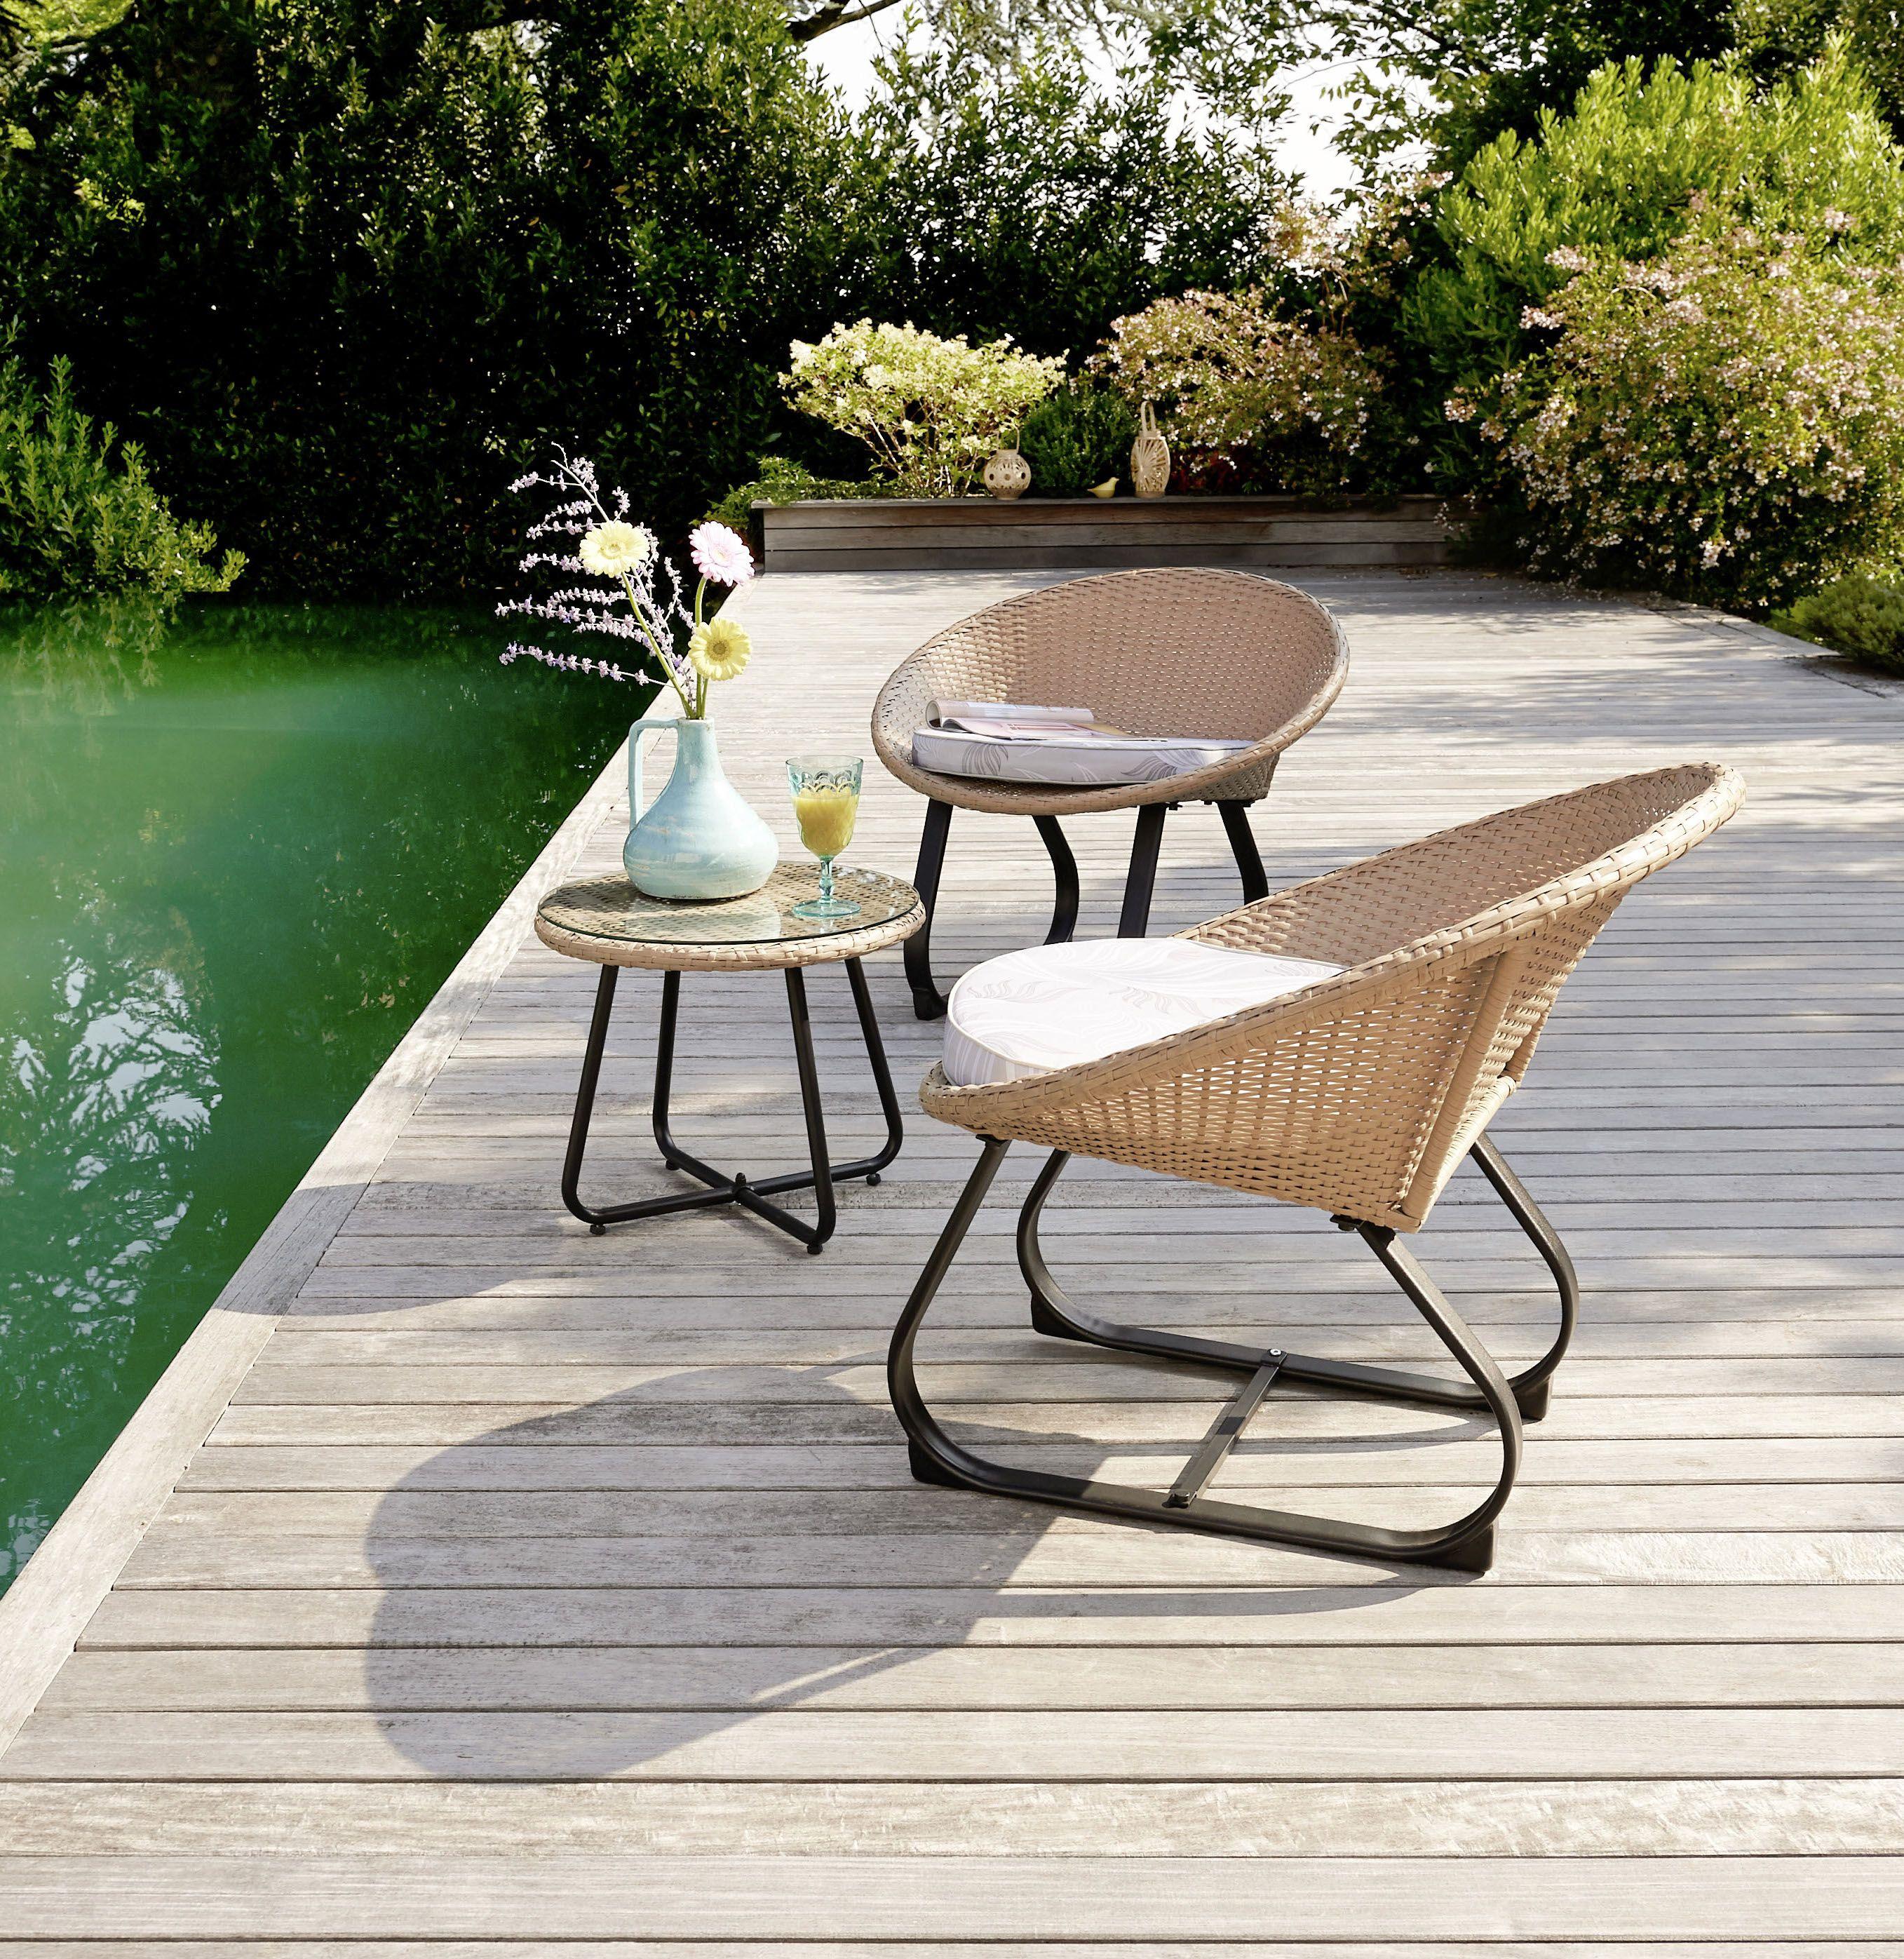 Creez Un Espace Detente Et Cosy Avec Notre Set De 3 Pieces Natura Livin Intermarche Jardin Terrasse Espace Detente Maison Terrasse